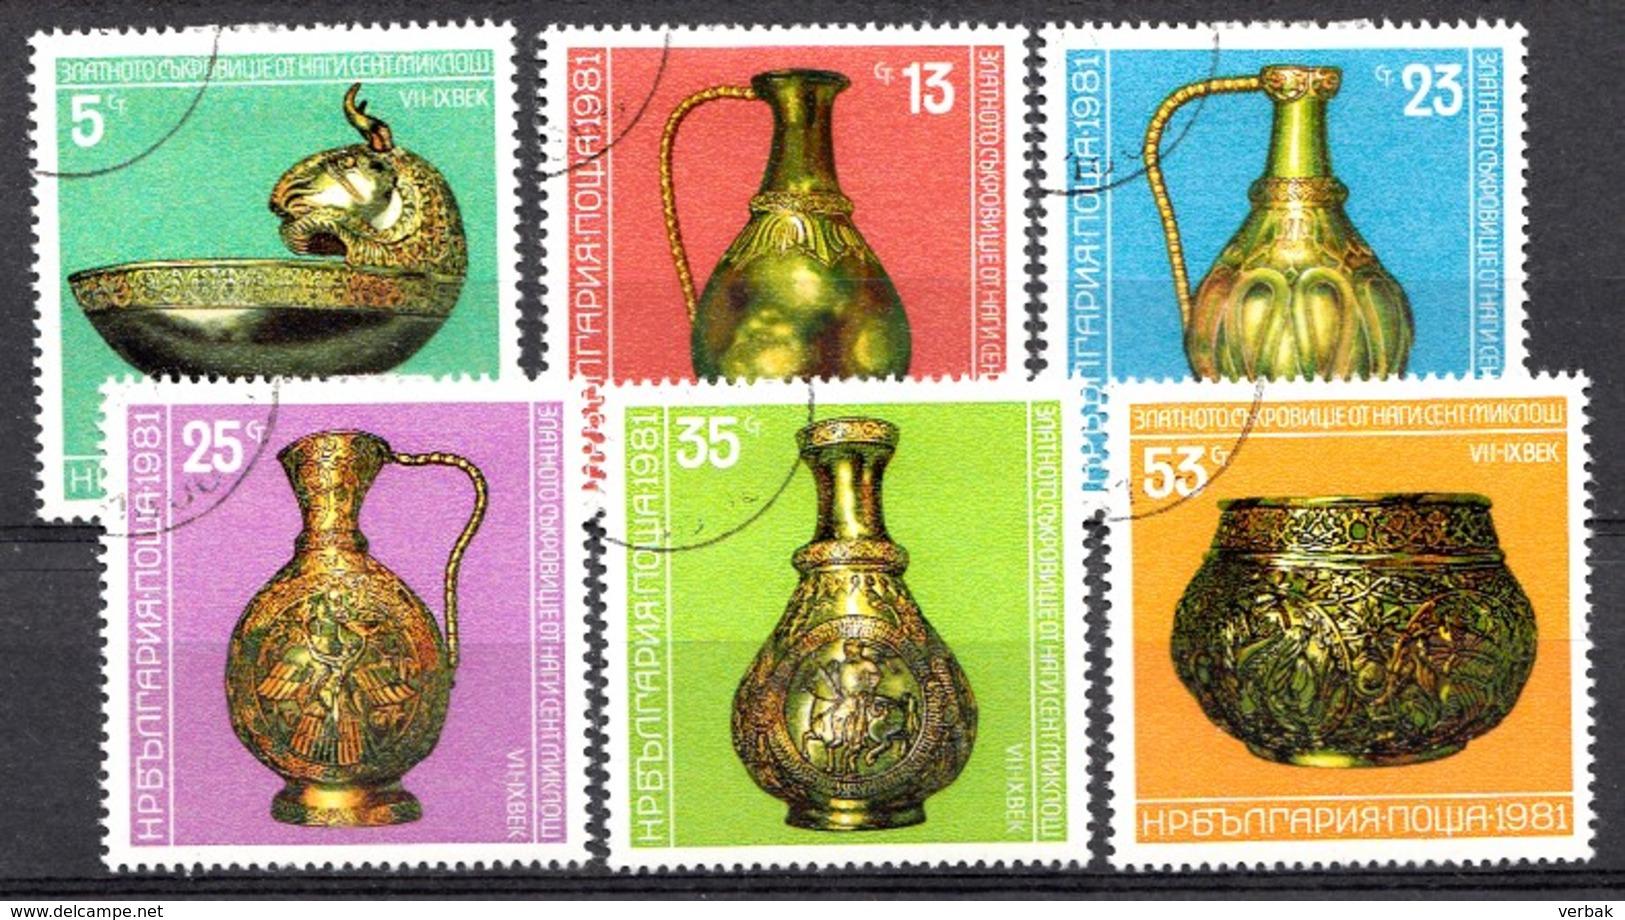 BULGARIE 1981 Mi.nr.: 3015-3020 Goldschatz Von Nagyszentmiklos  Oblitérés / Used / Gestempeld - Usati